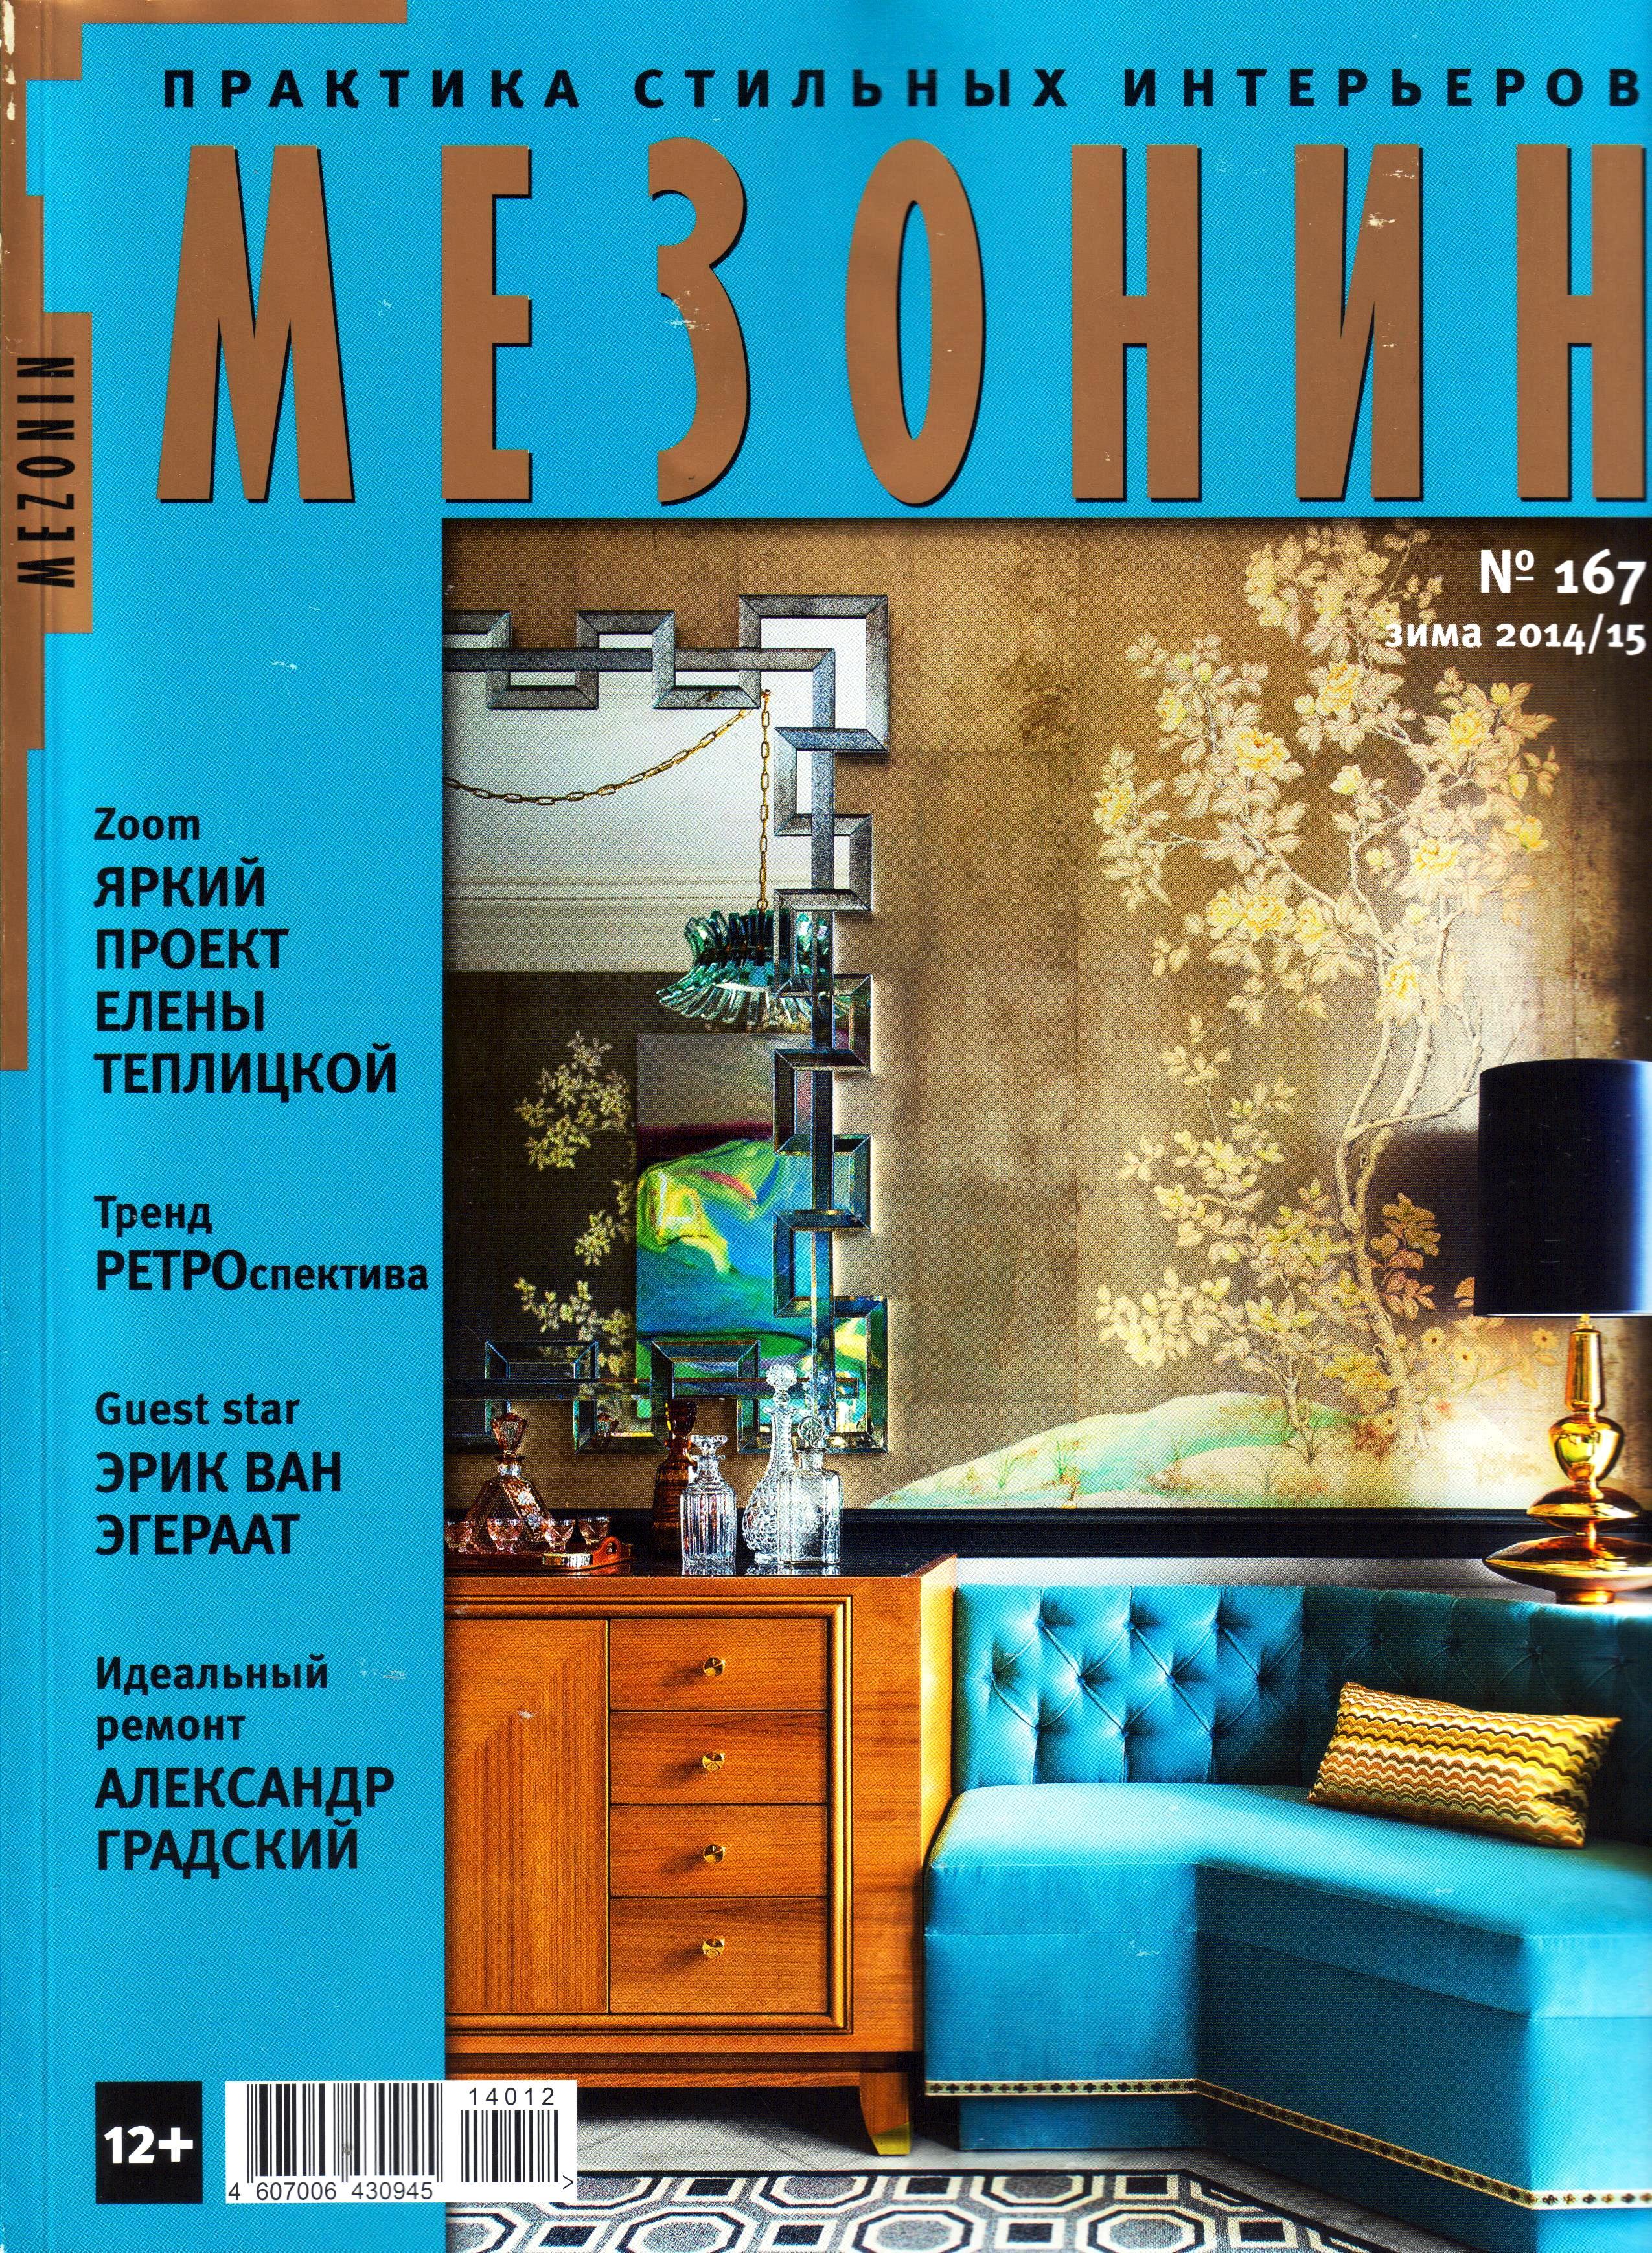 2. Mezzanine. 2014_15 Winter. Cover.(1)